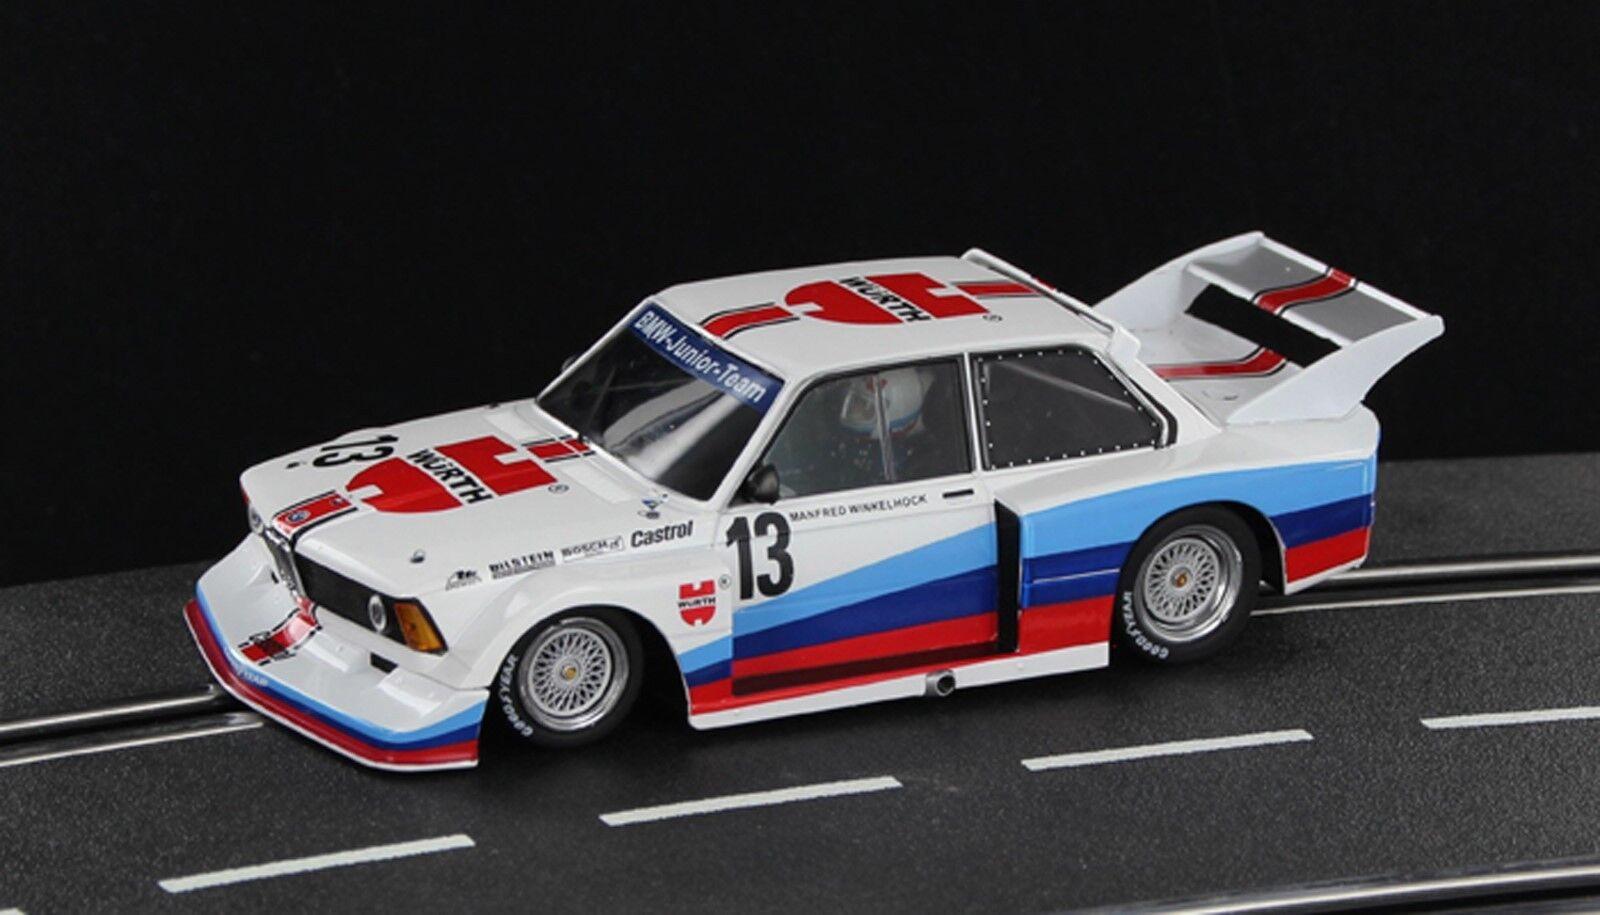 Sideways SW58A, BMW 320 Gr5, BMW Junior Tea Winkelhock  13, 1 32